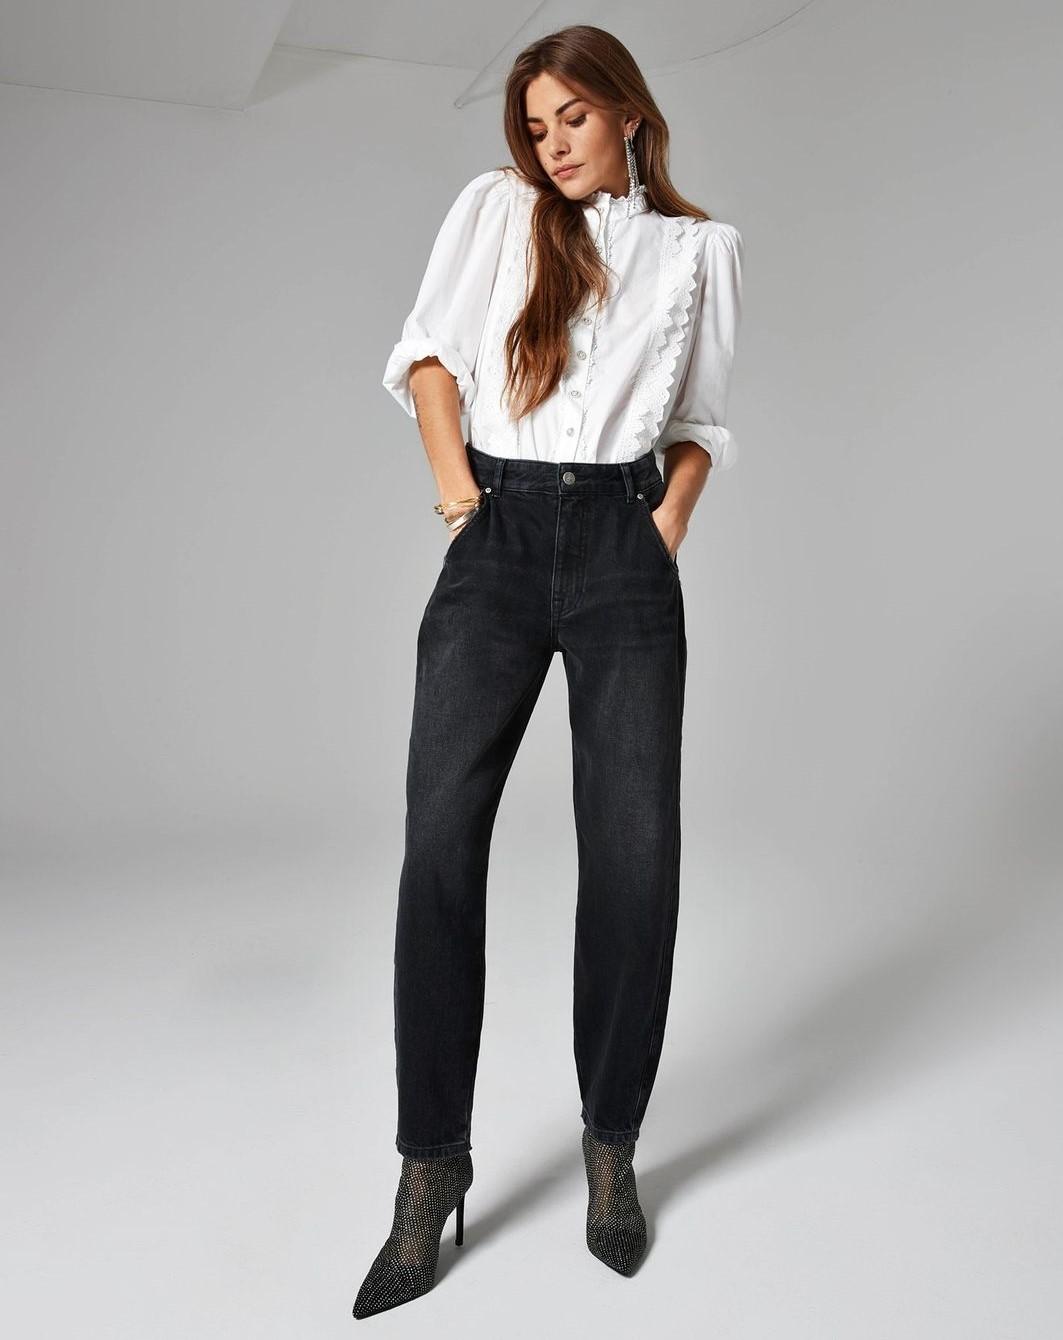 come scegliere jeans donna